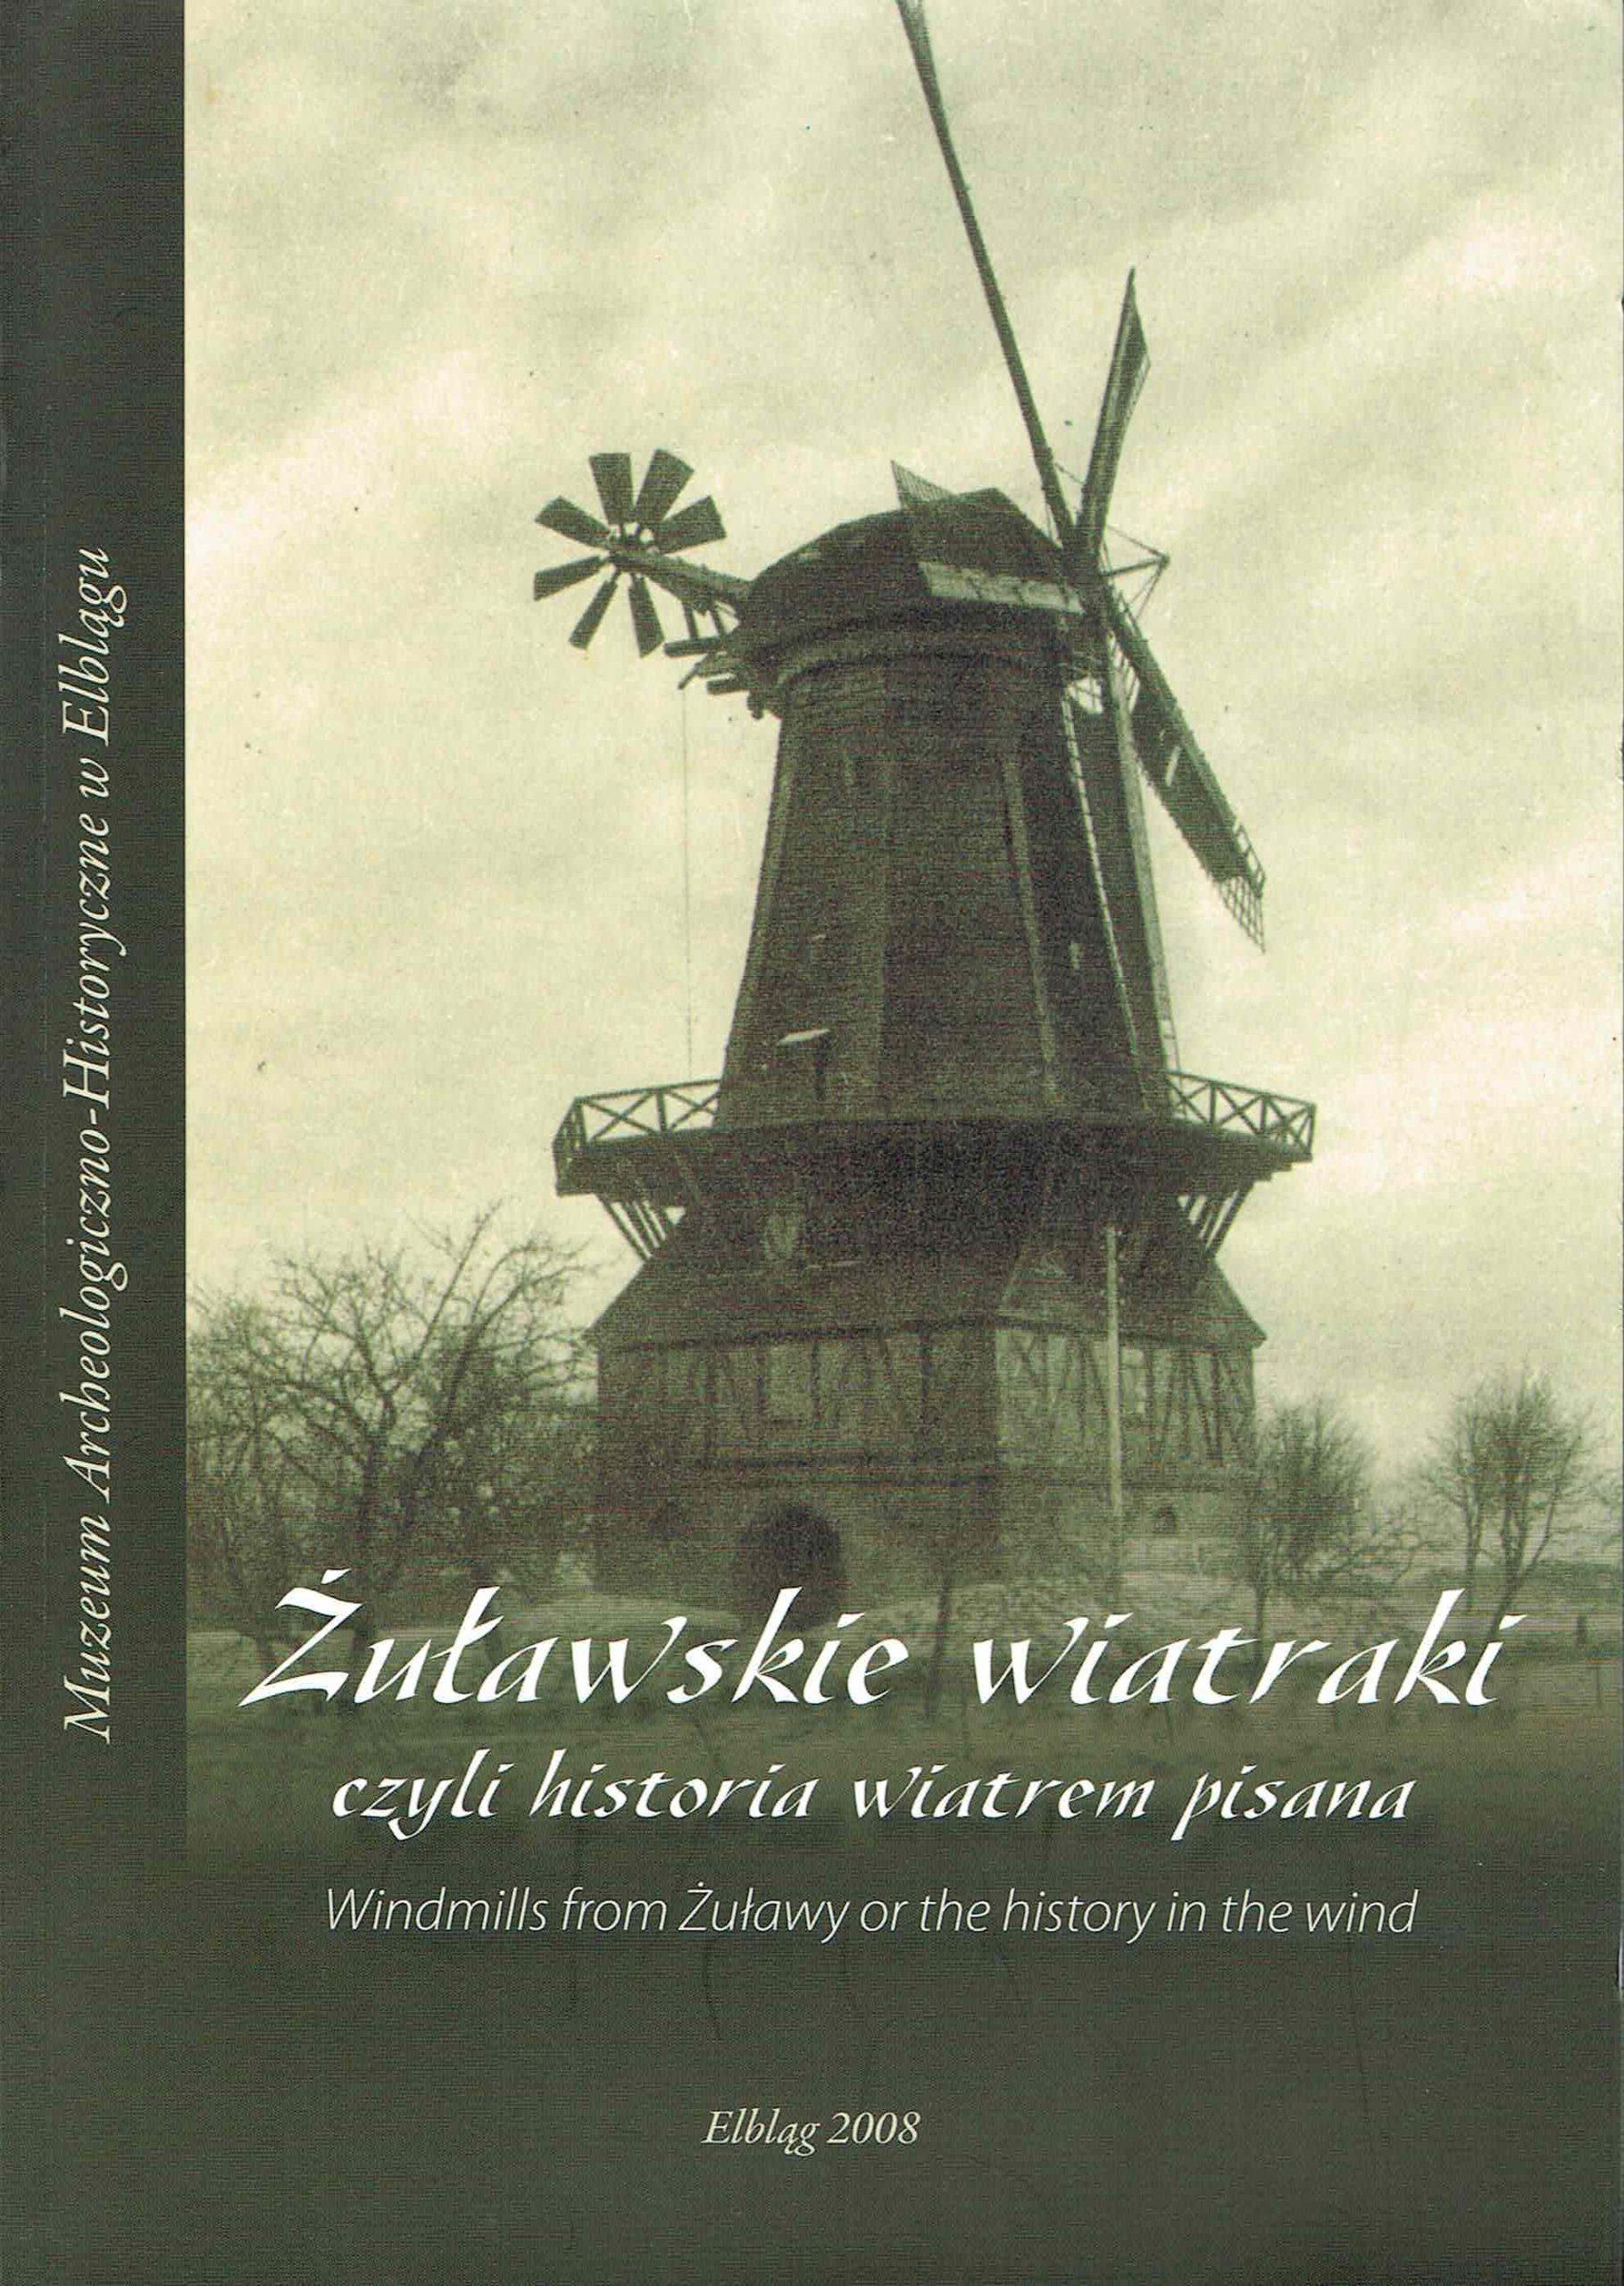 Żuławskie wiatraki, czyli historia wiatrem pisana